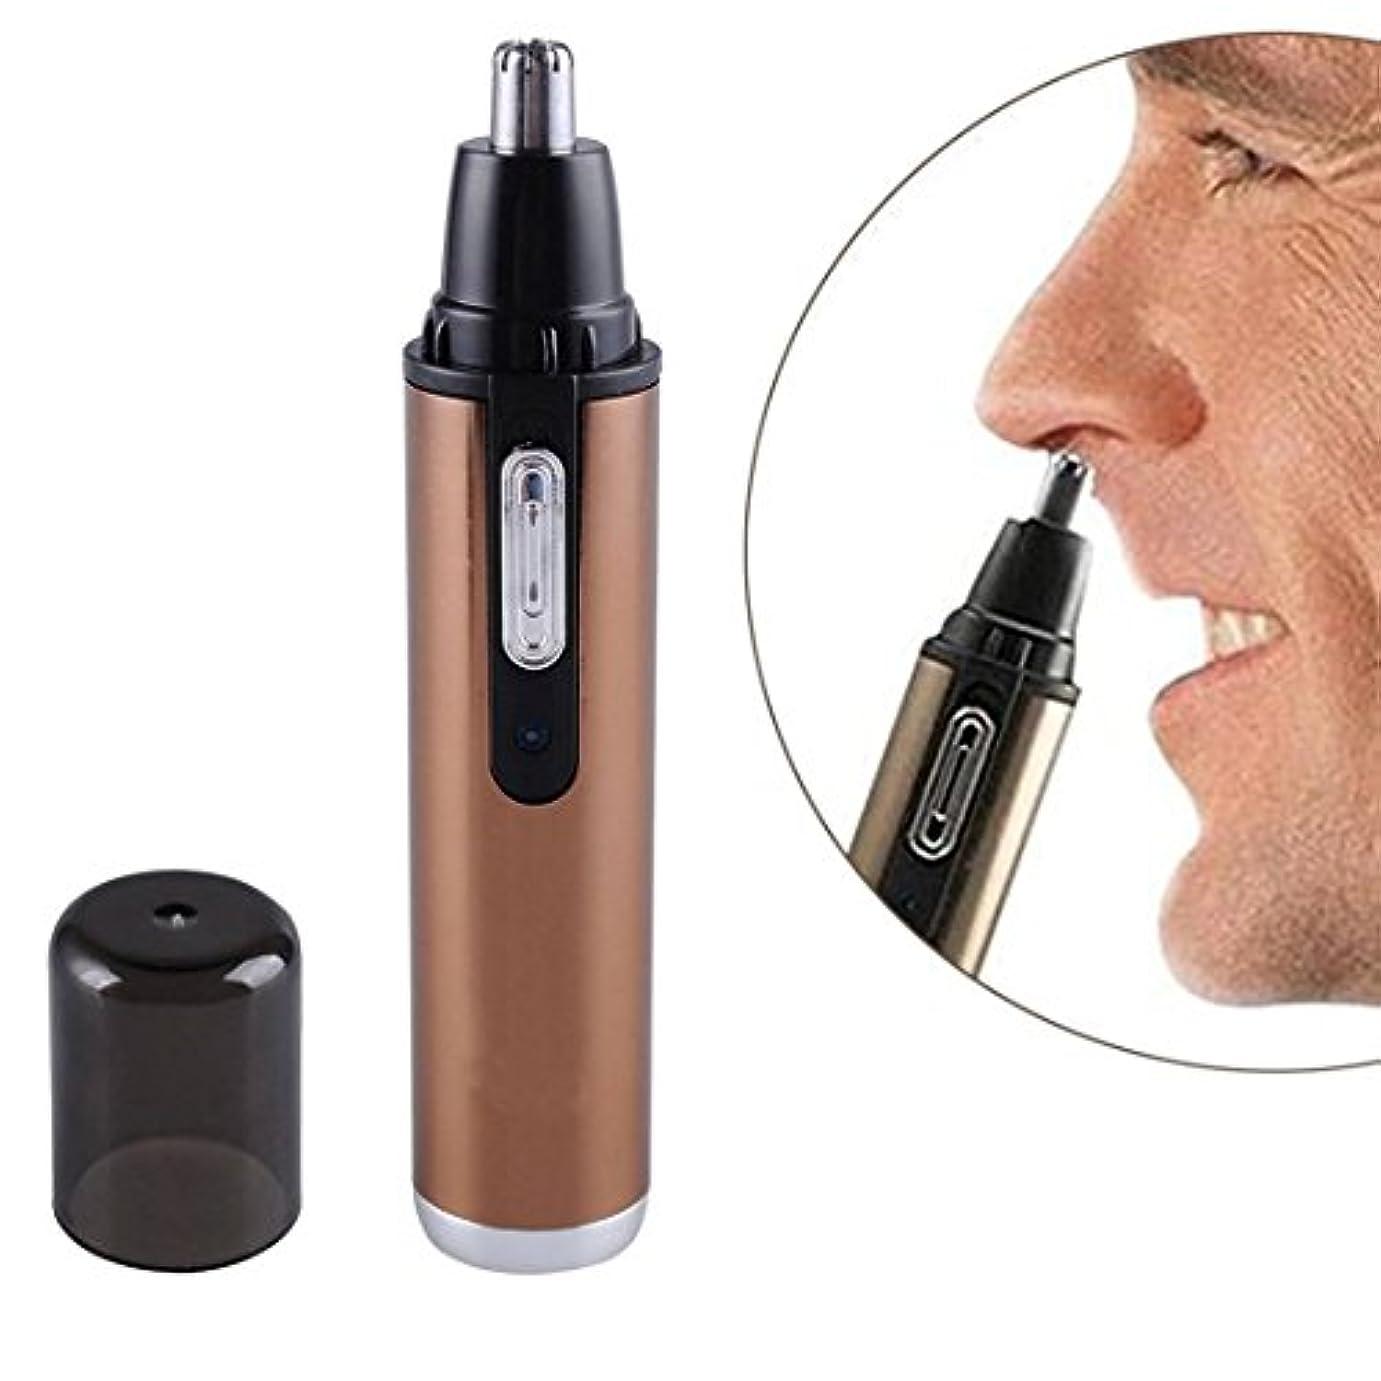 意味する起きるおしゃれじゃない男性の眉毛と鼻毛のトリマー、充電式のプロの無痛脱毛ステンレス鋼刃かみそり